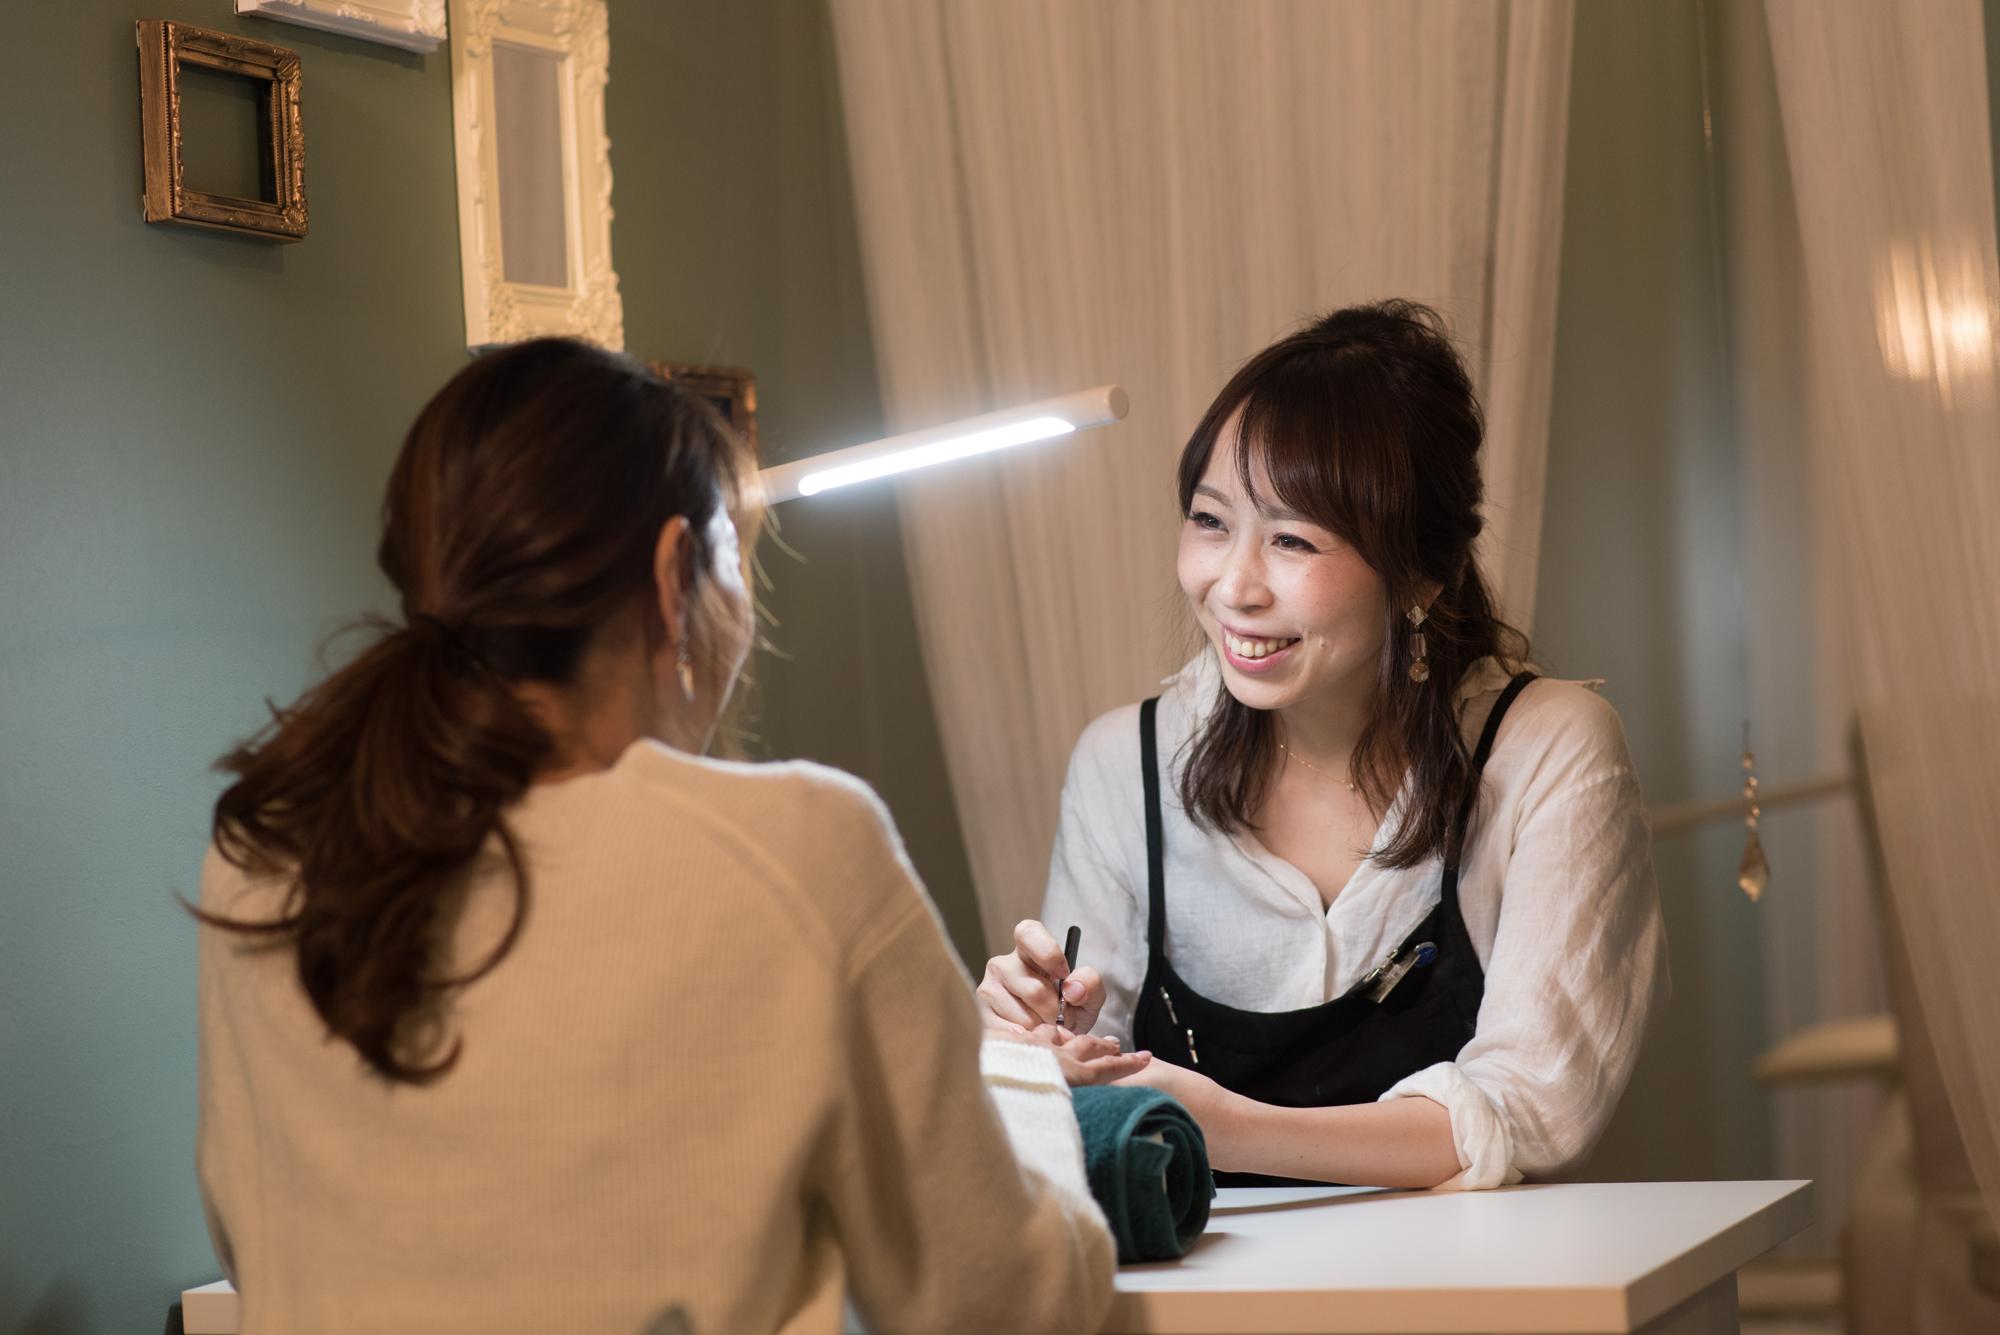 ママネイリストの熊谷さんは、「MereMer」入社後にパラジェルのインストラクター認定テストに合格。「新しい技術を学んで、自分の可能性が広がっていくのが楽しいです」